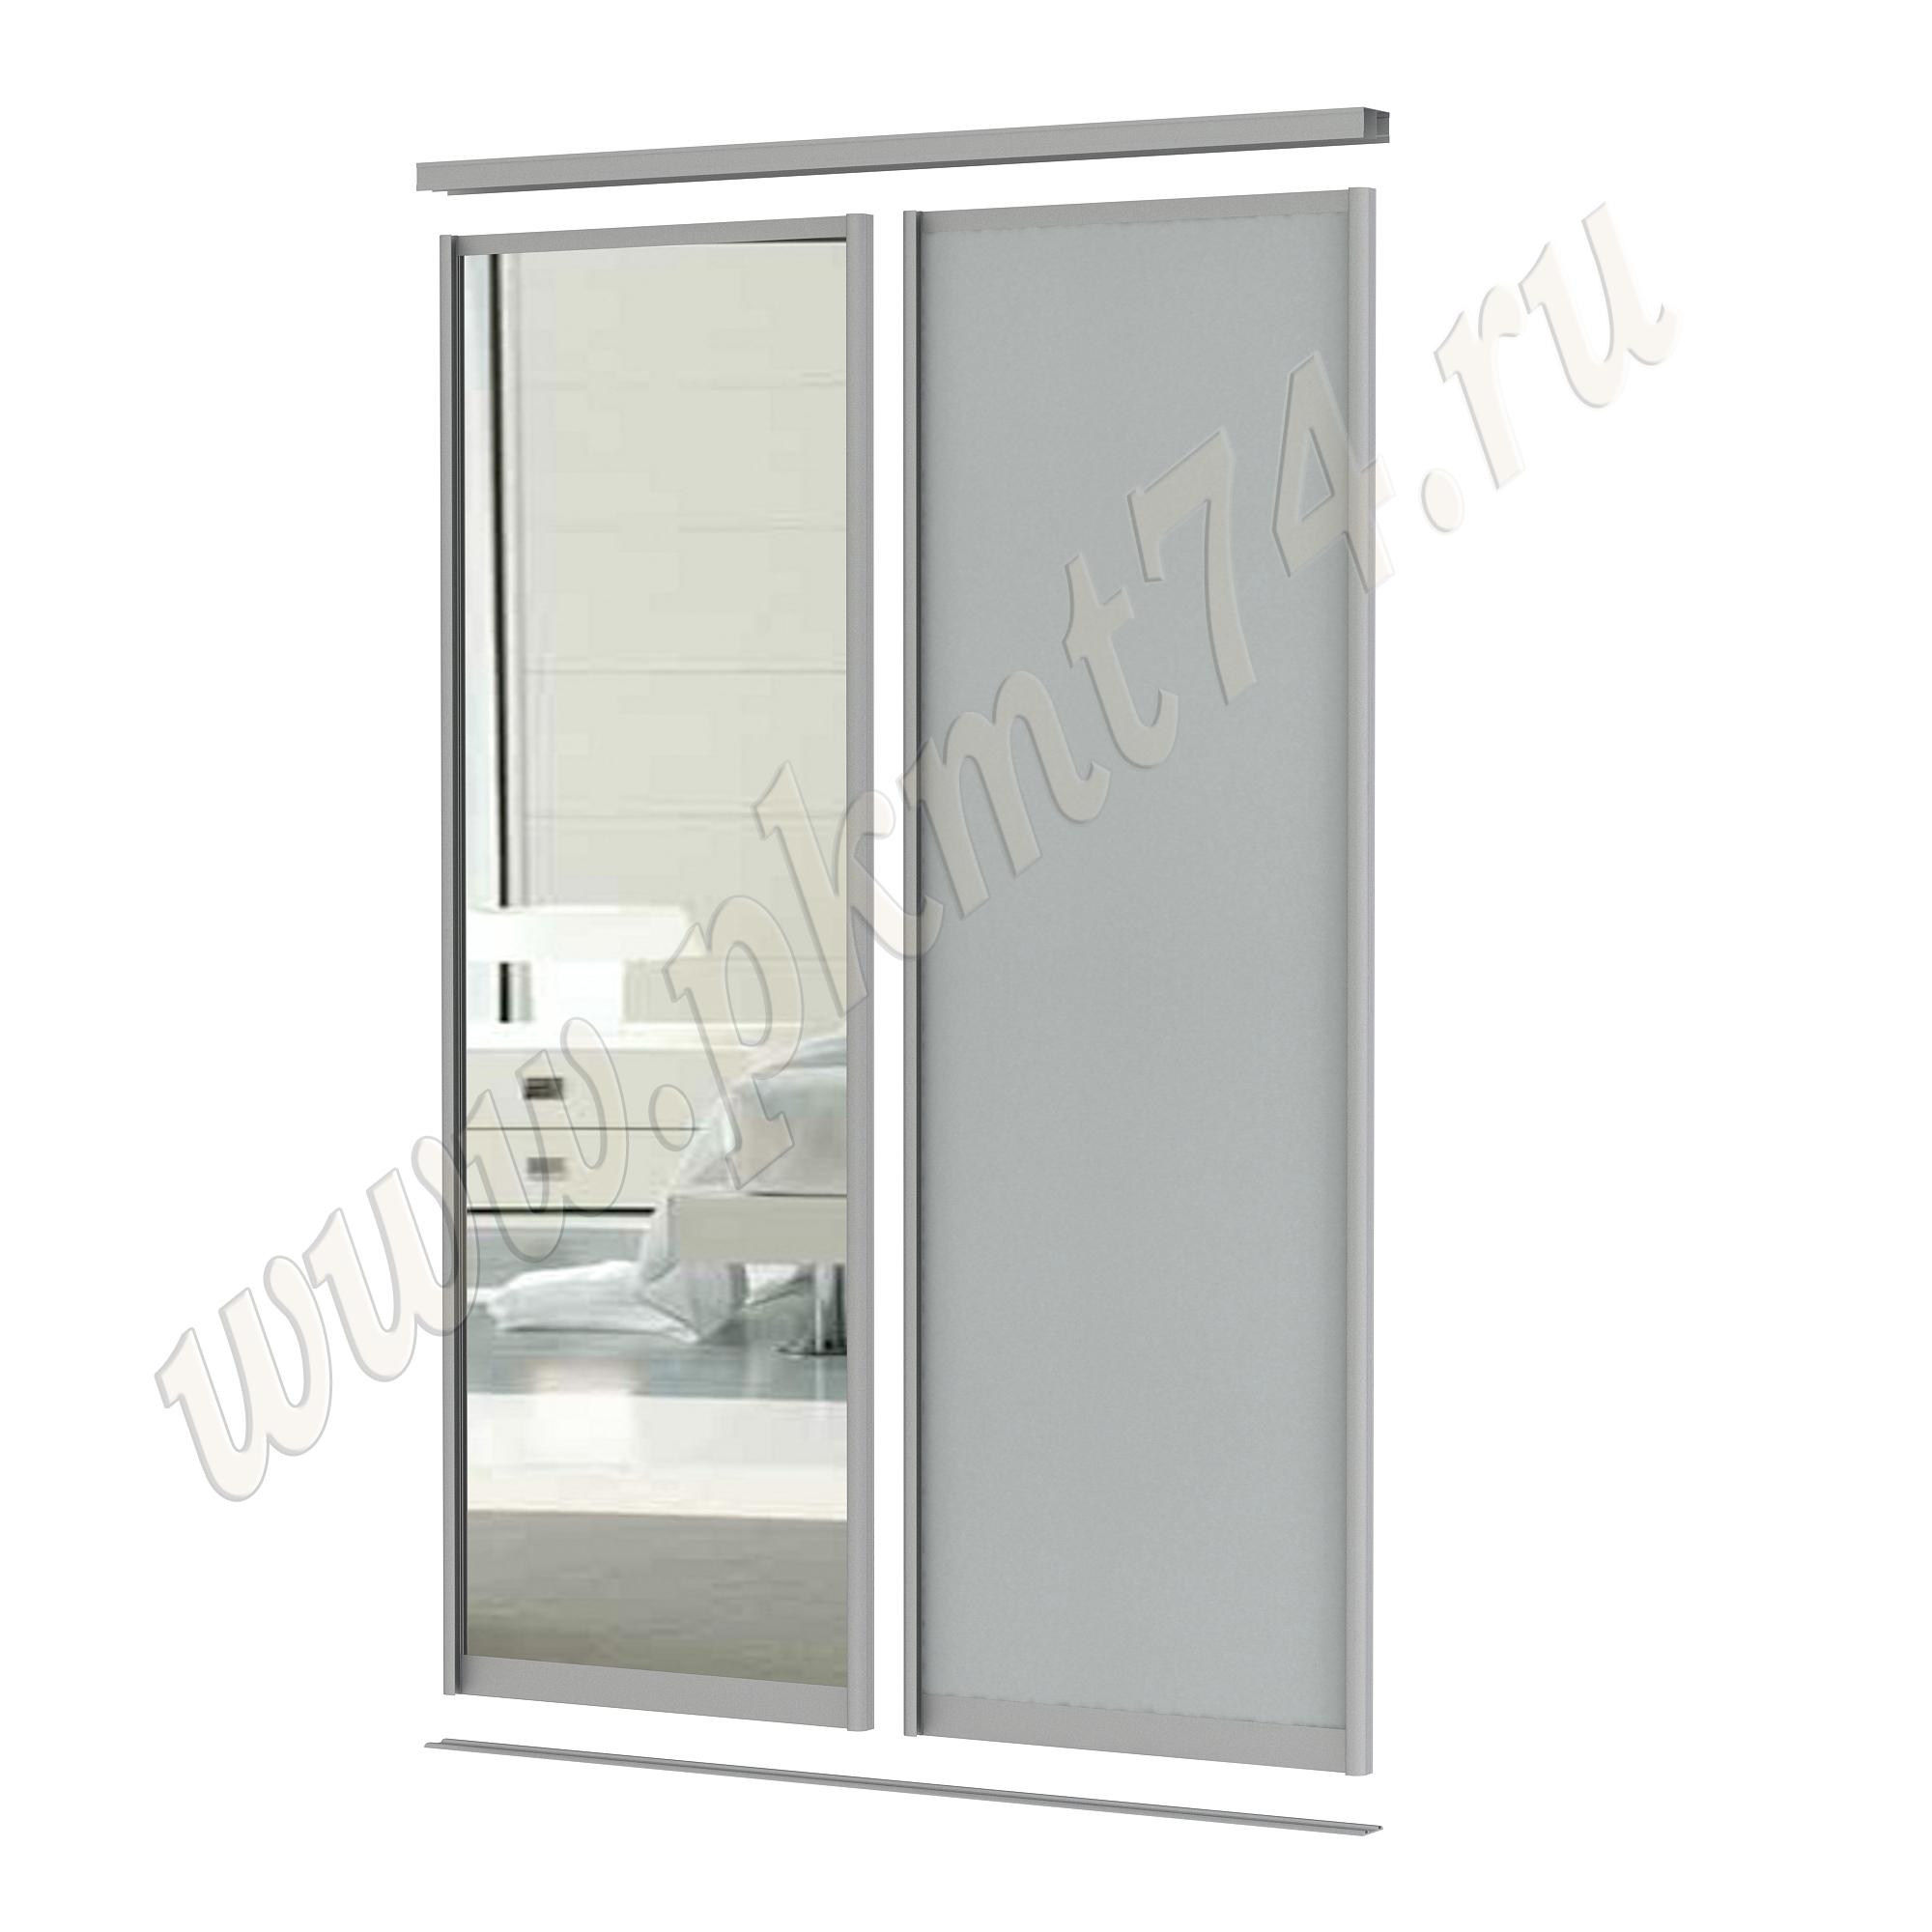 Комбинированные двери для шкафа купе [Размер:: 1500х2500; Цвет ЛДСП:: Серый]